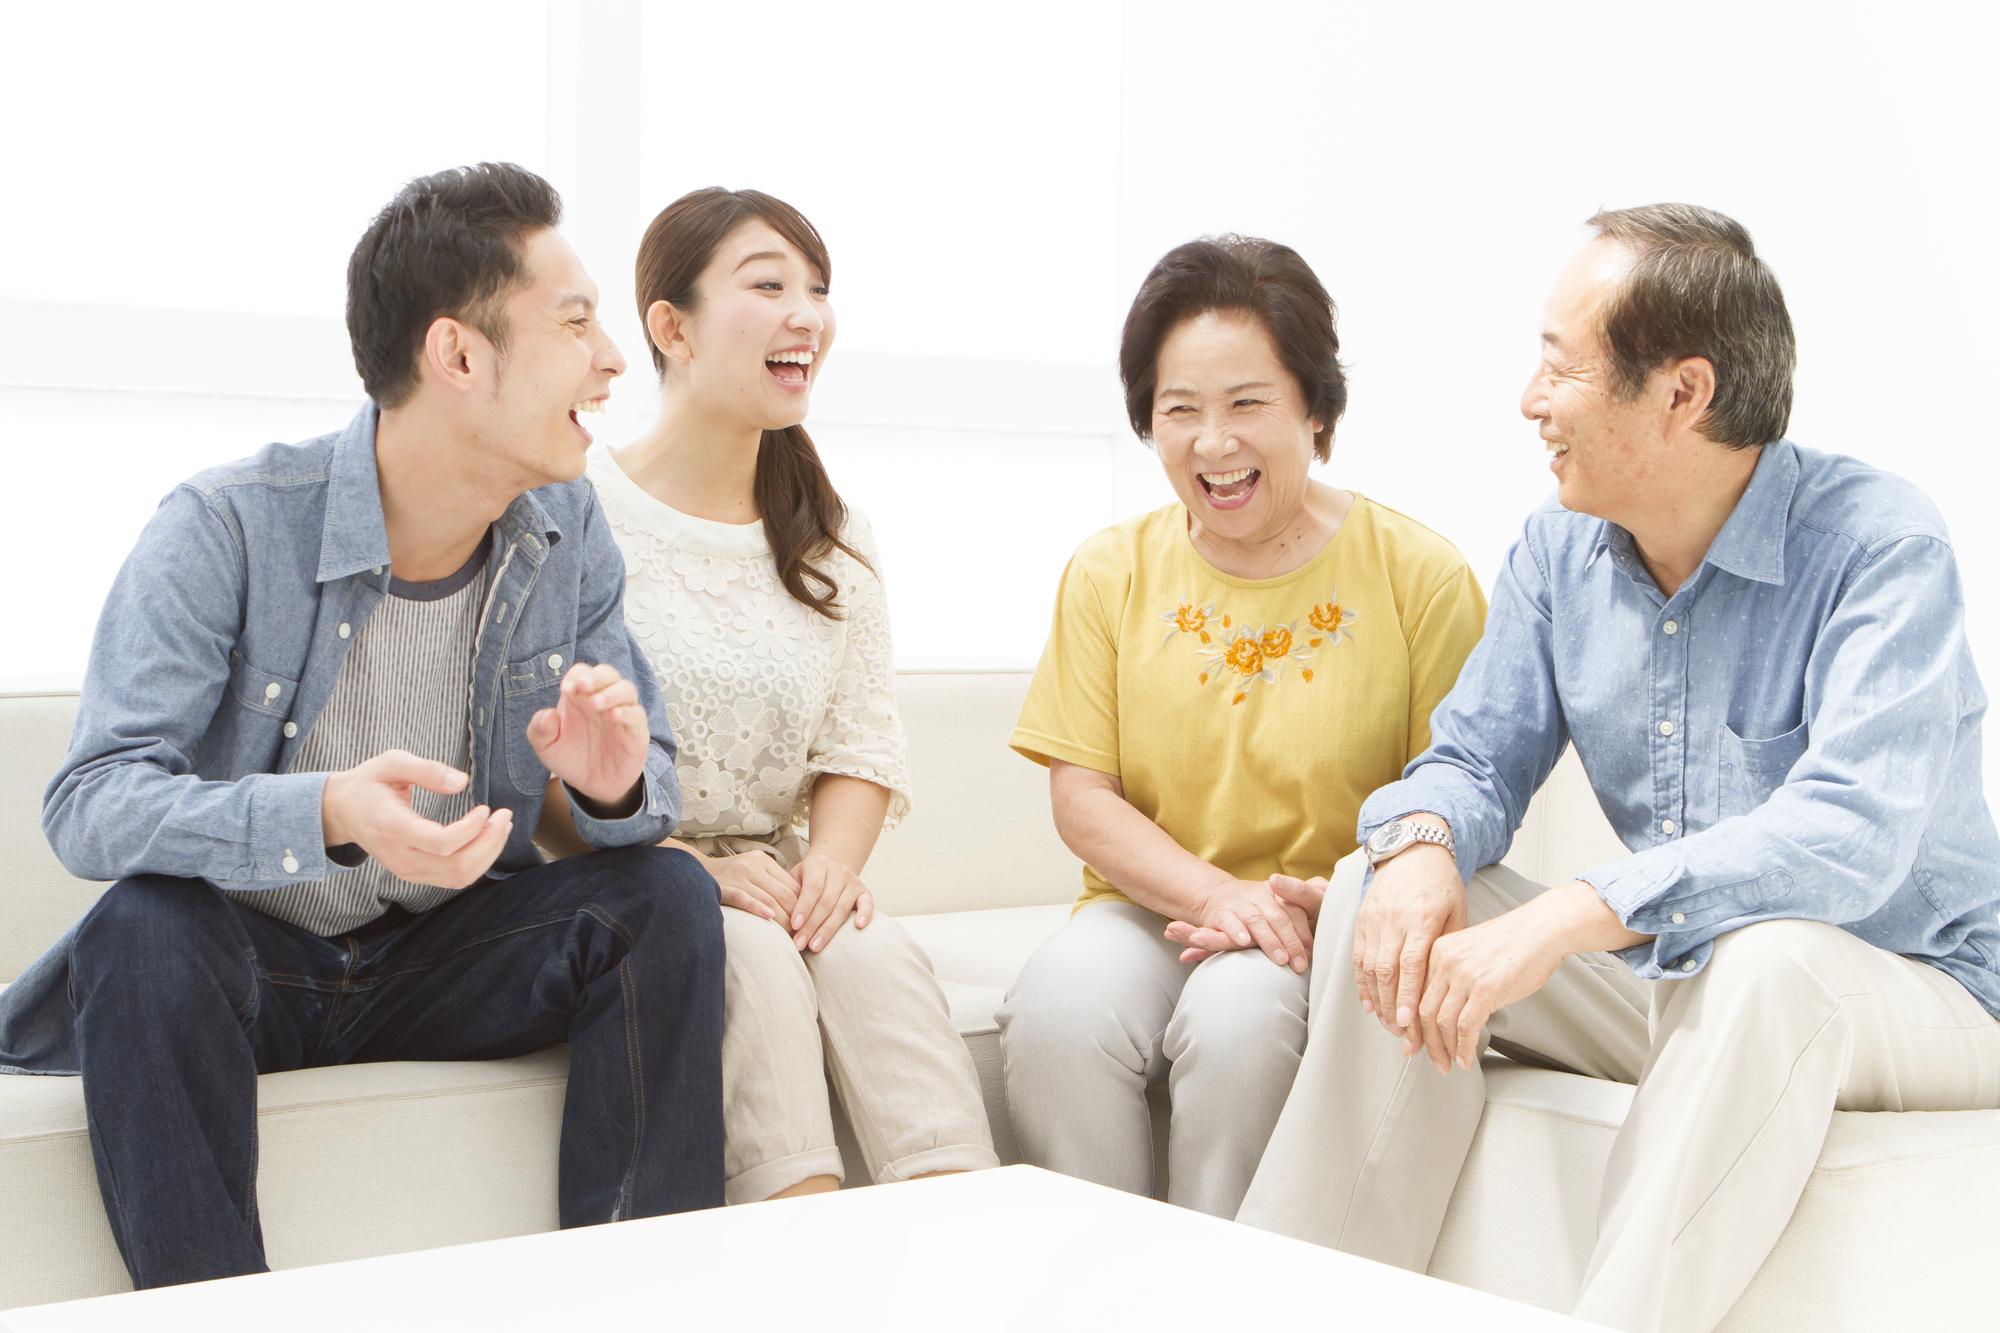 【専門家執筆】住宅購入時に親や親戚からお金を借りて、贈与と疑われないための注意点